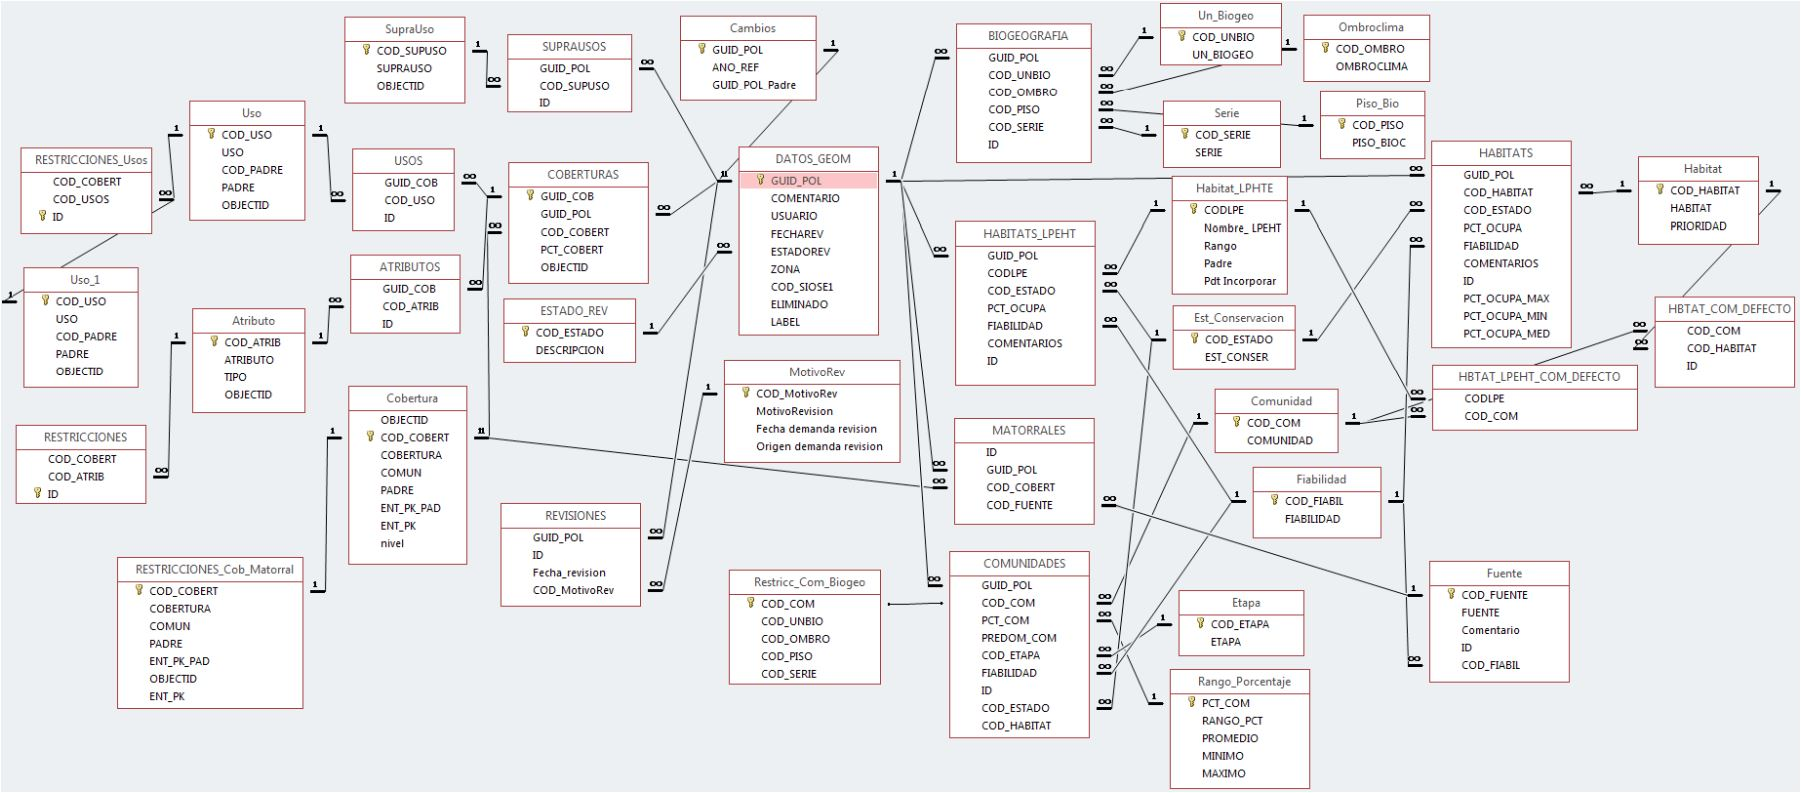 Modelo de datos empleado en el SIPNA